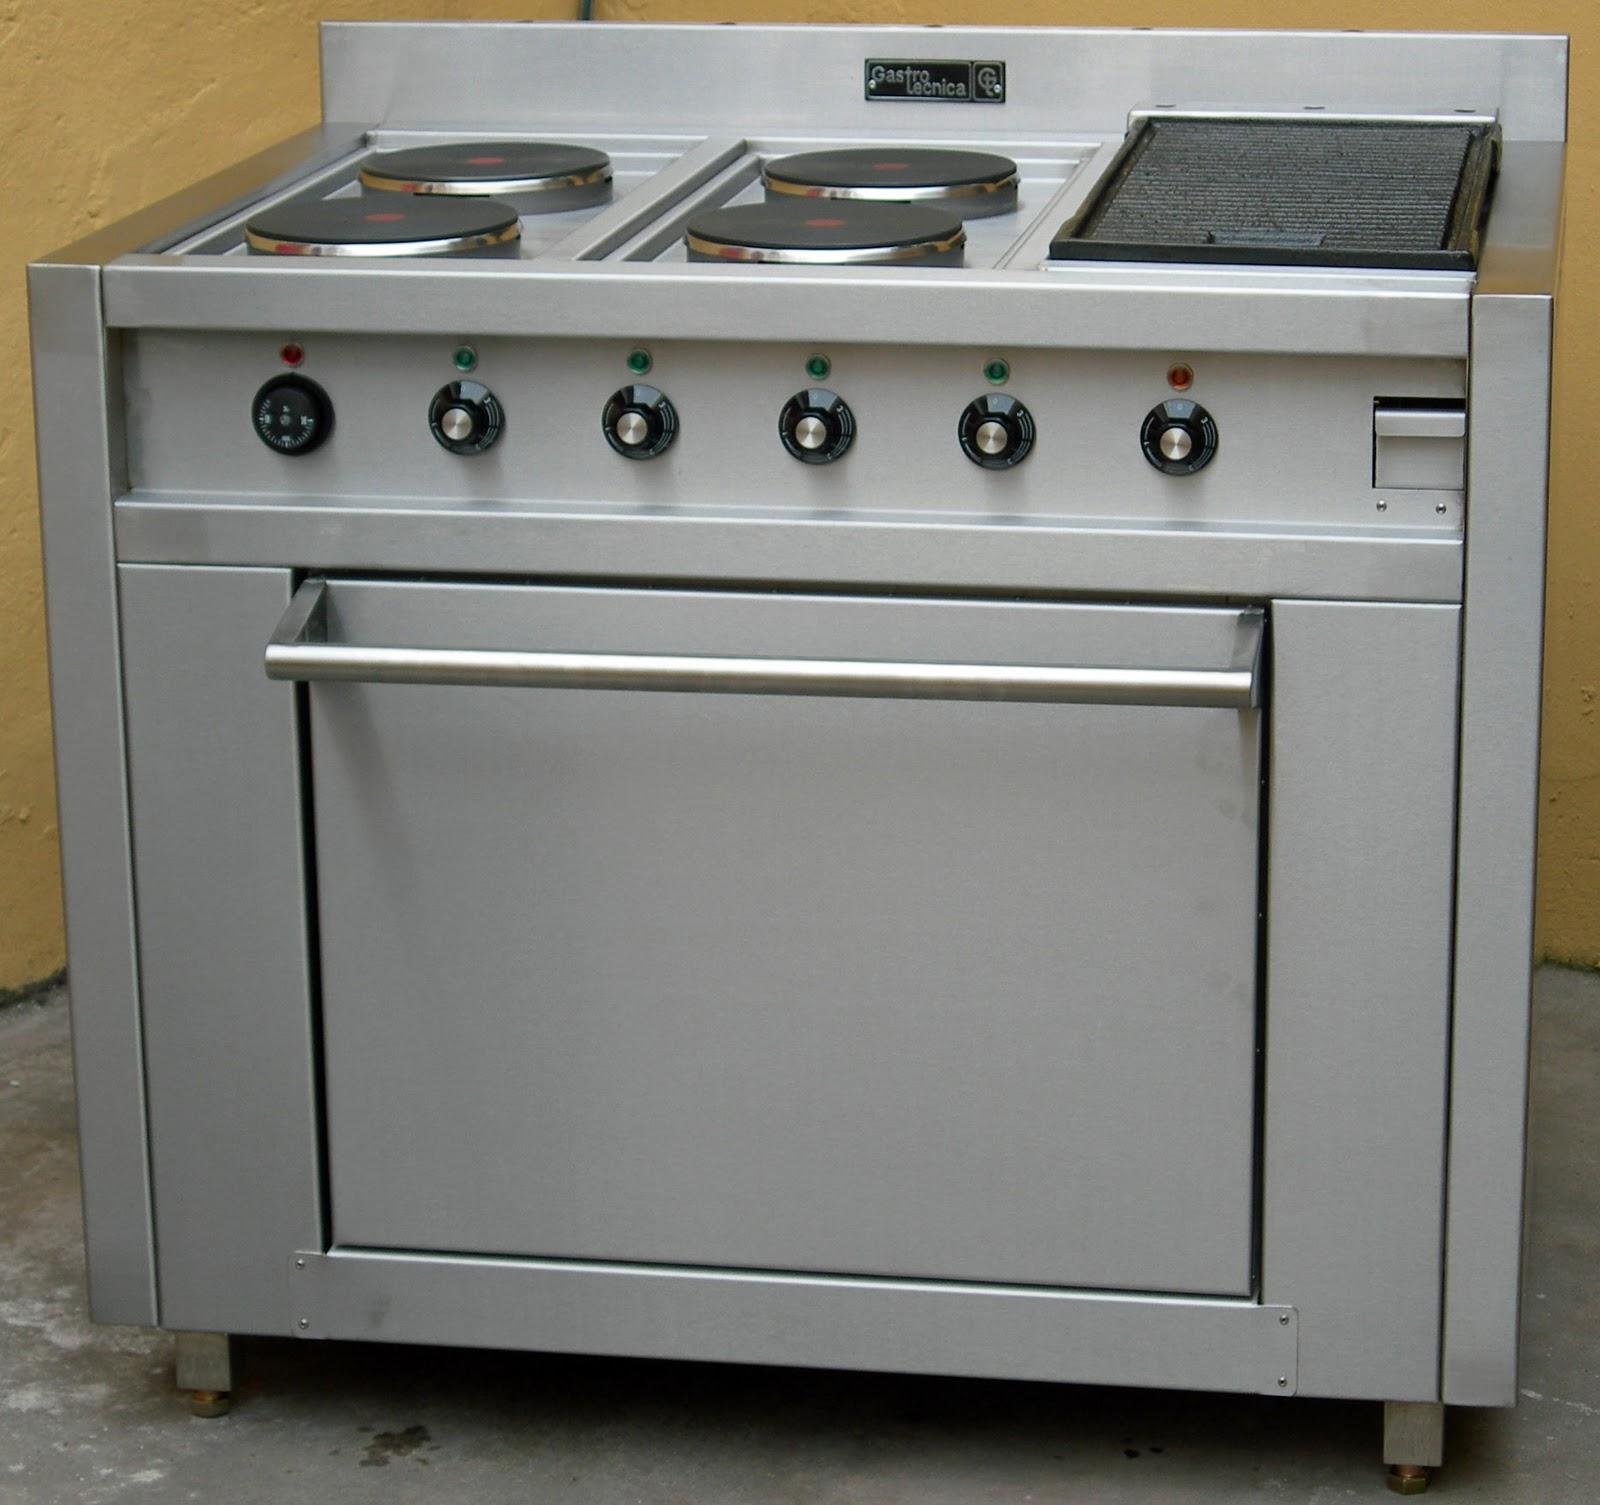 Cocinas Elctricas - Hogar y Muebles en MercadoLibre